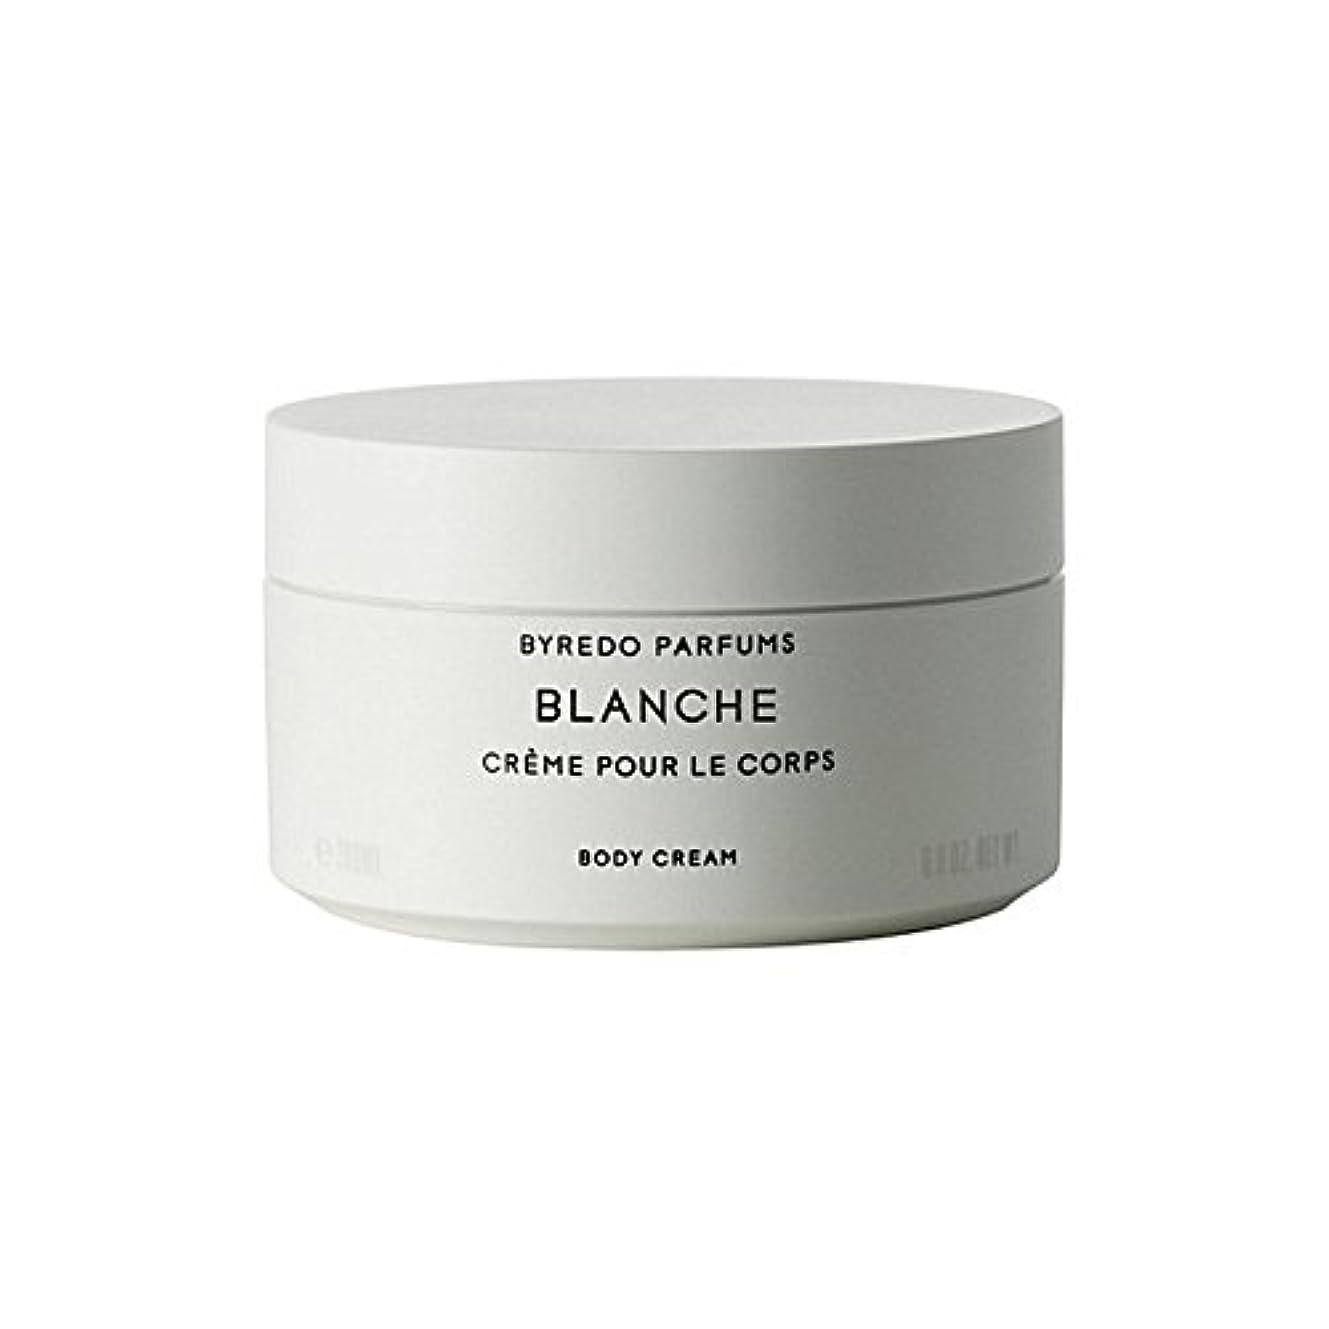 旅トリップ生ブランシュボディクリーム200ミリリットル x4 - Byredo Blanche Body Cream 200ml (Pack of 4) [並行輸入品]